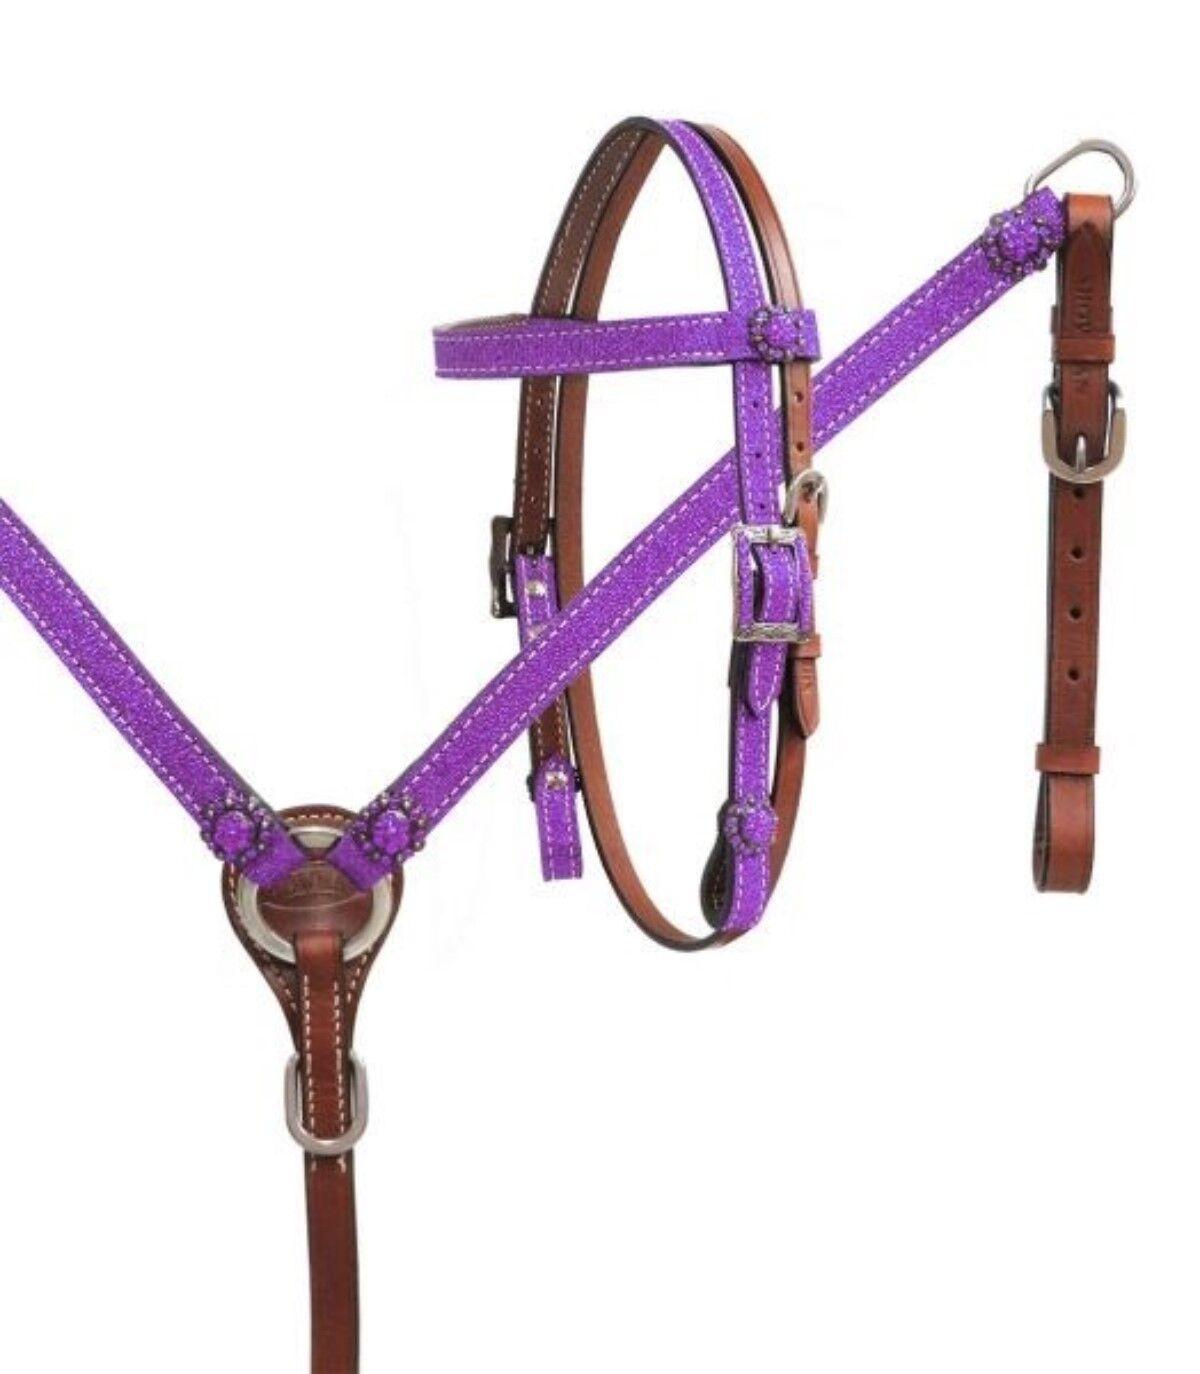 Showman brillo púrpura Tamaño Mini súperposición de cuero cabezada &  pecho collar conjunto   Entrega rápida y envío gratis en todos los pedidos.